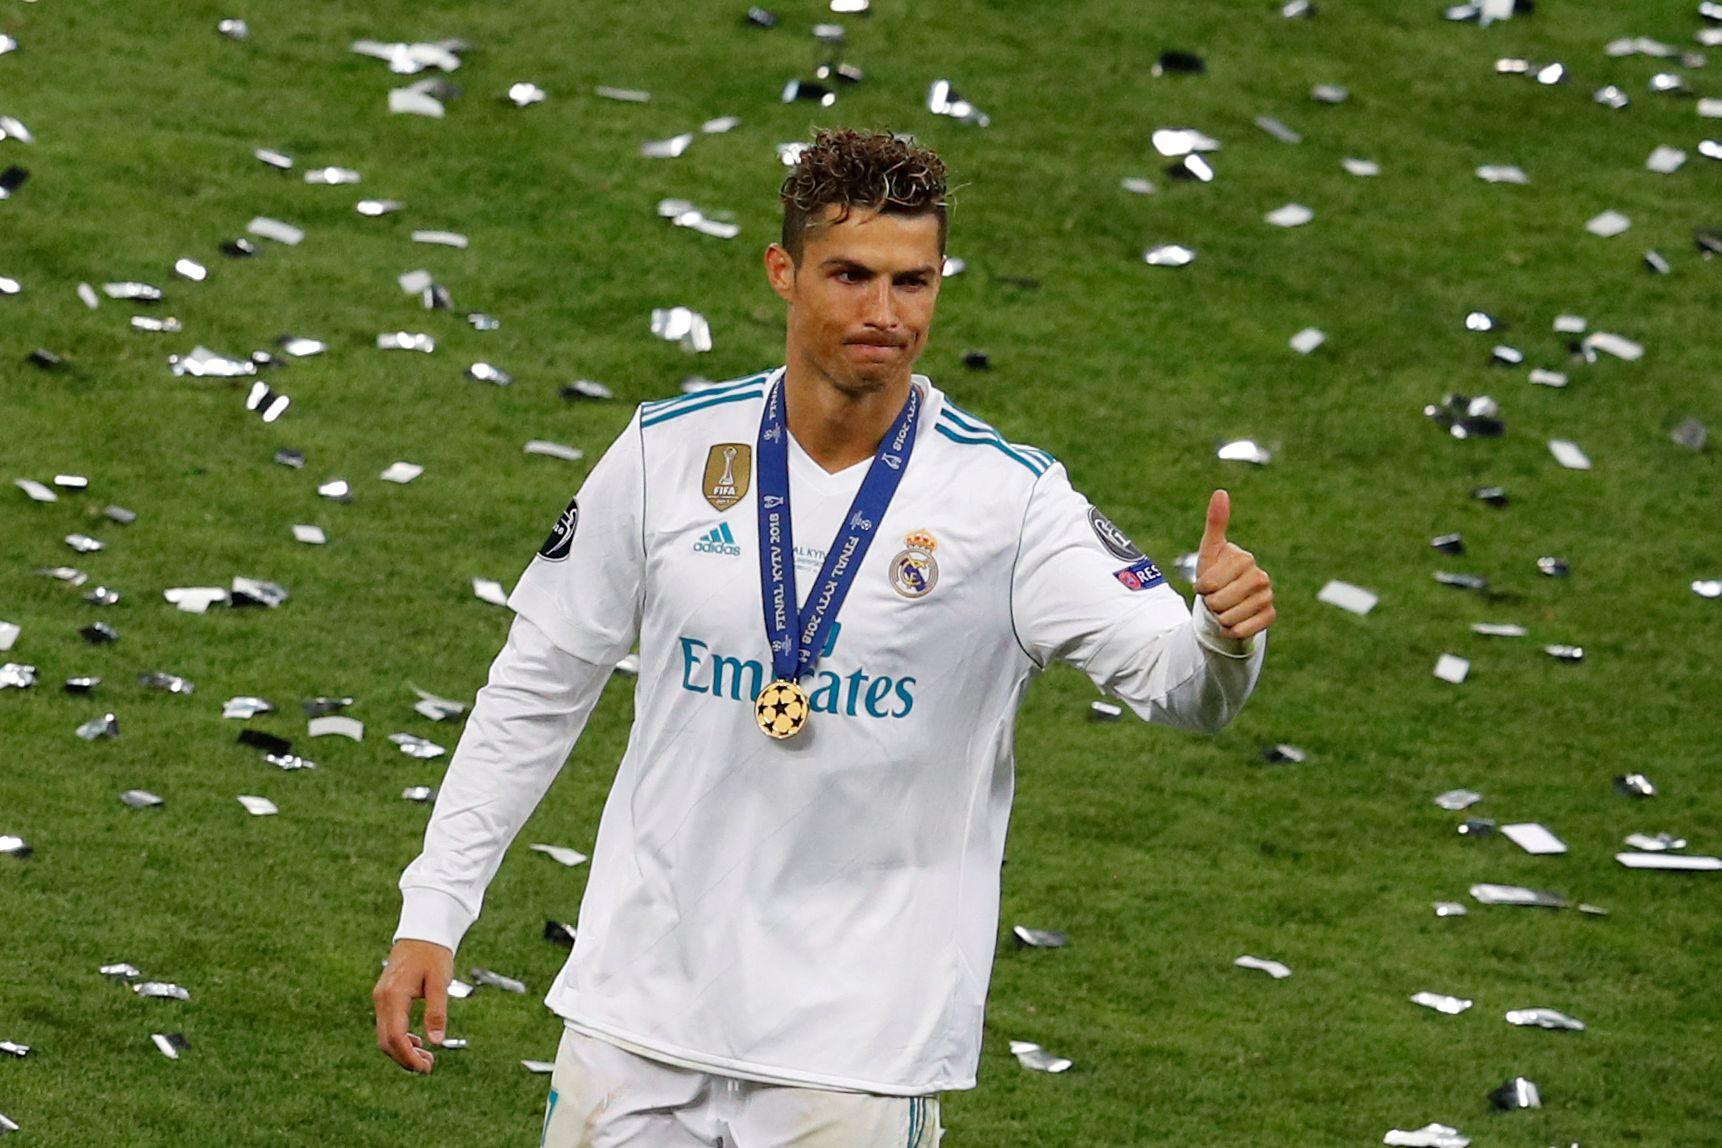 Os motivos que levam Cristiano Ronaldo a equacionar deixar o Real Madrid